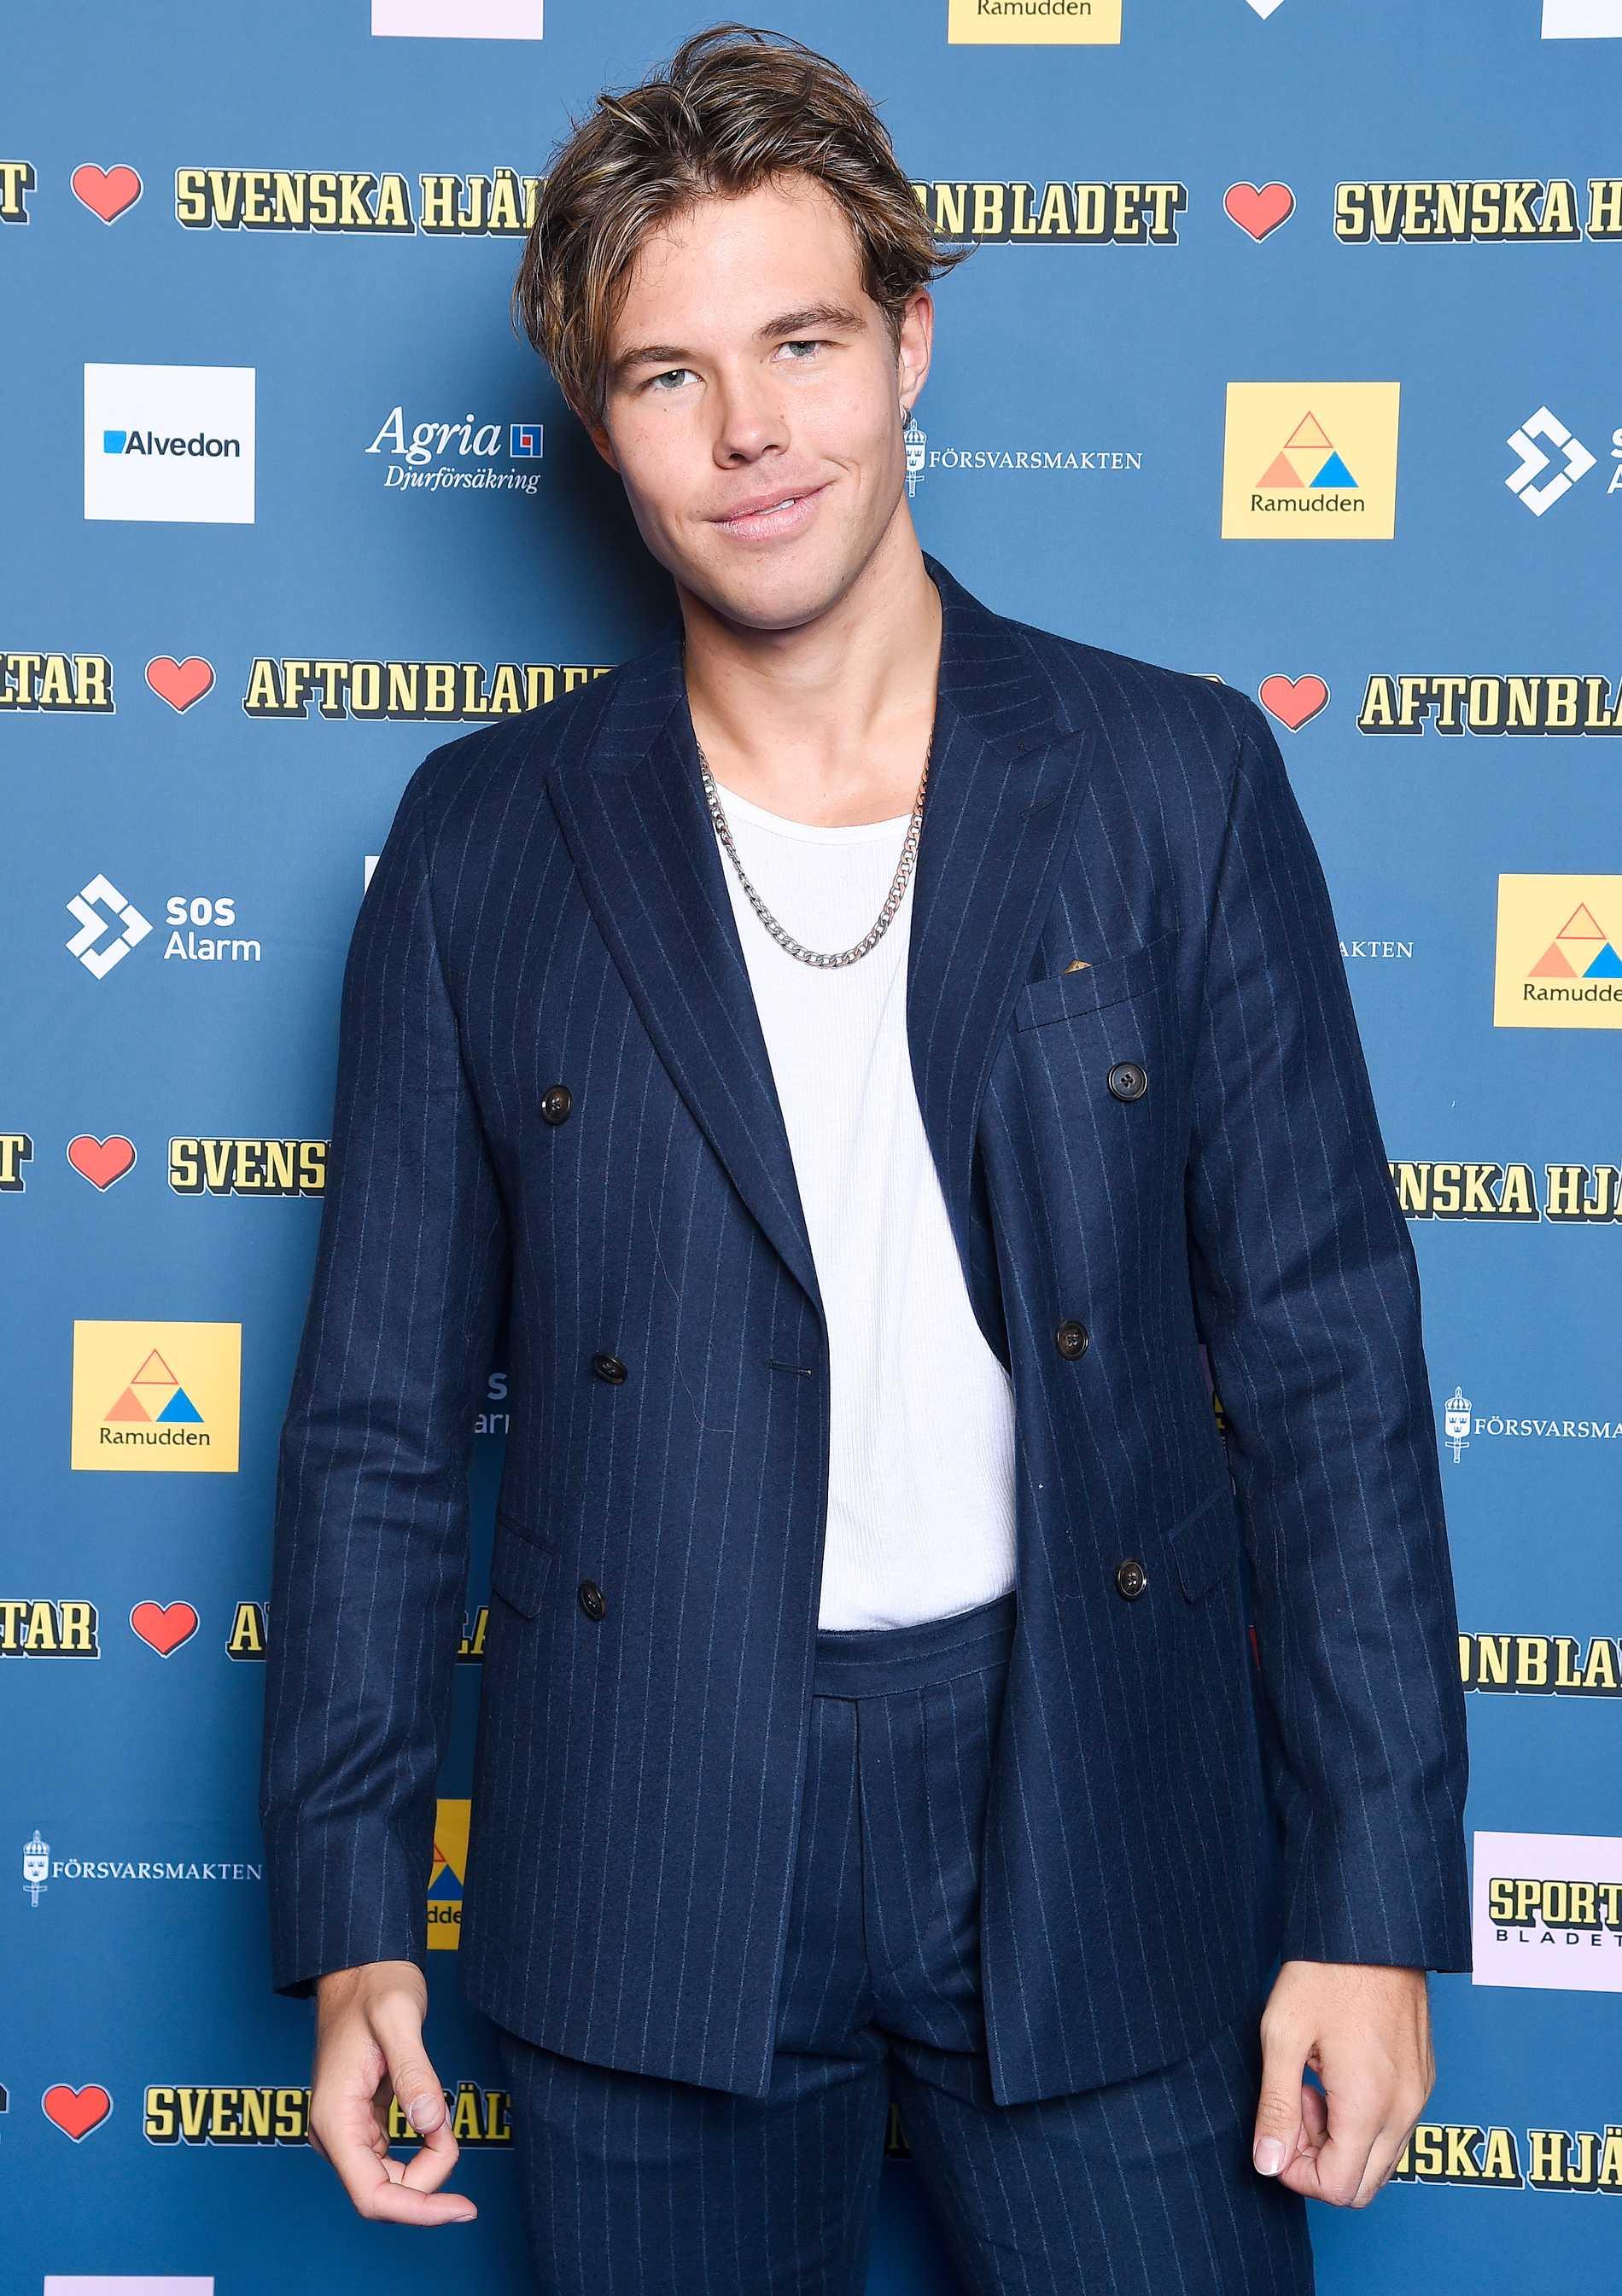 Andres Wijk är med i Melodifestivalen 2021, som låtskrivare.